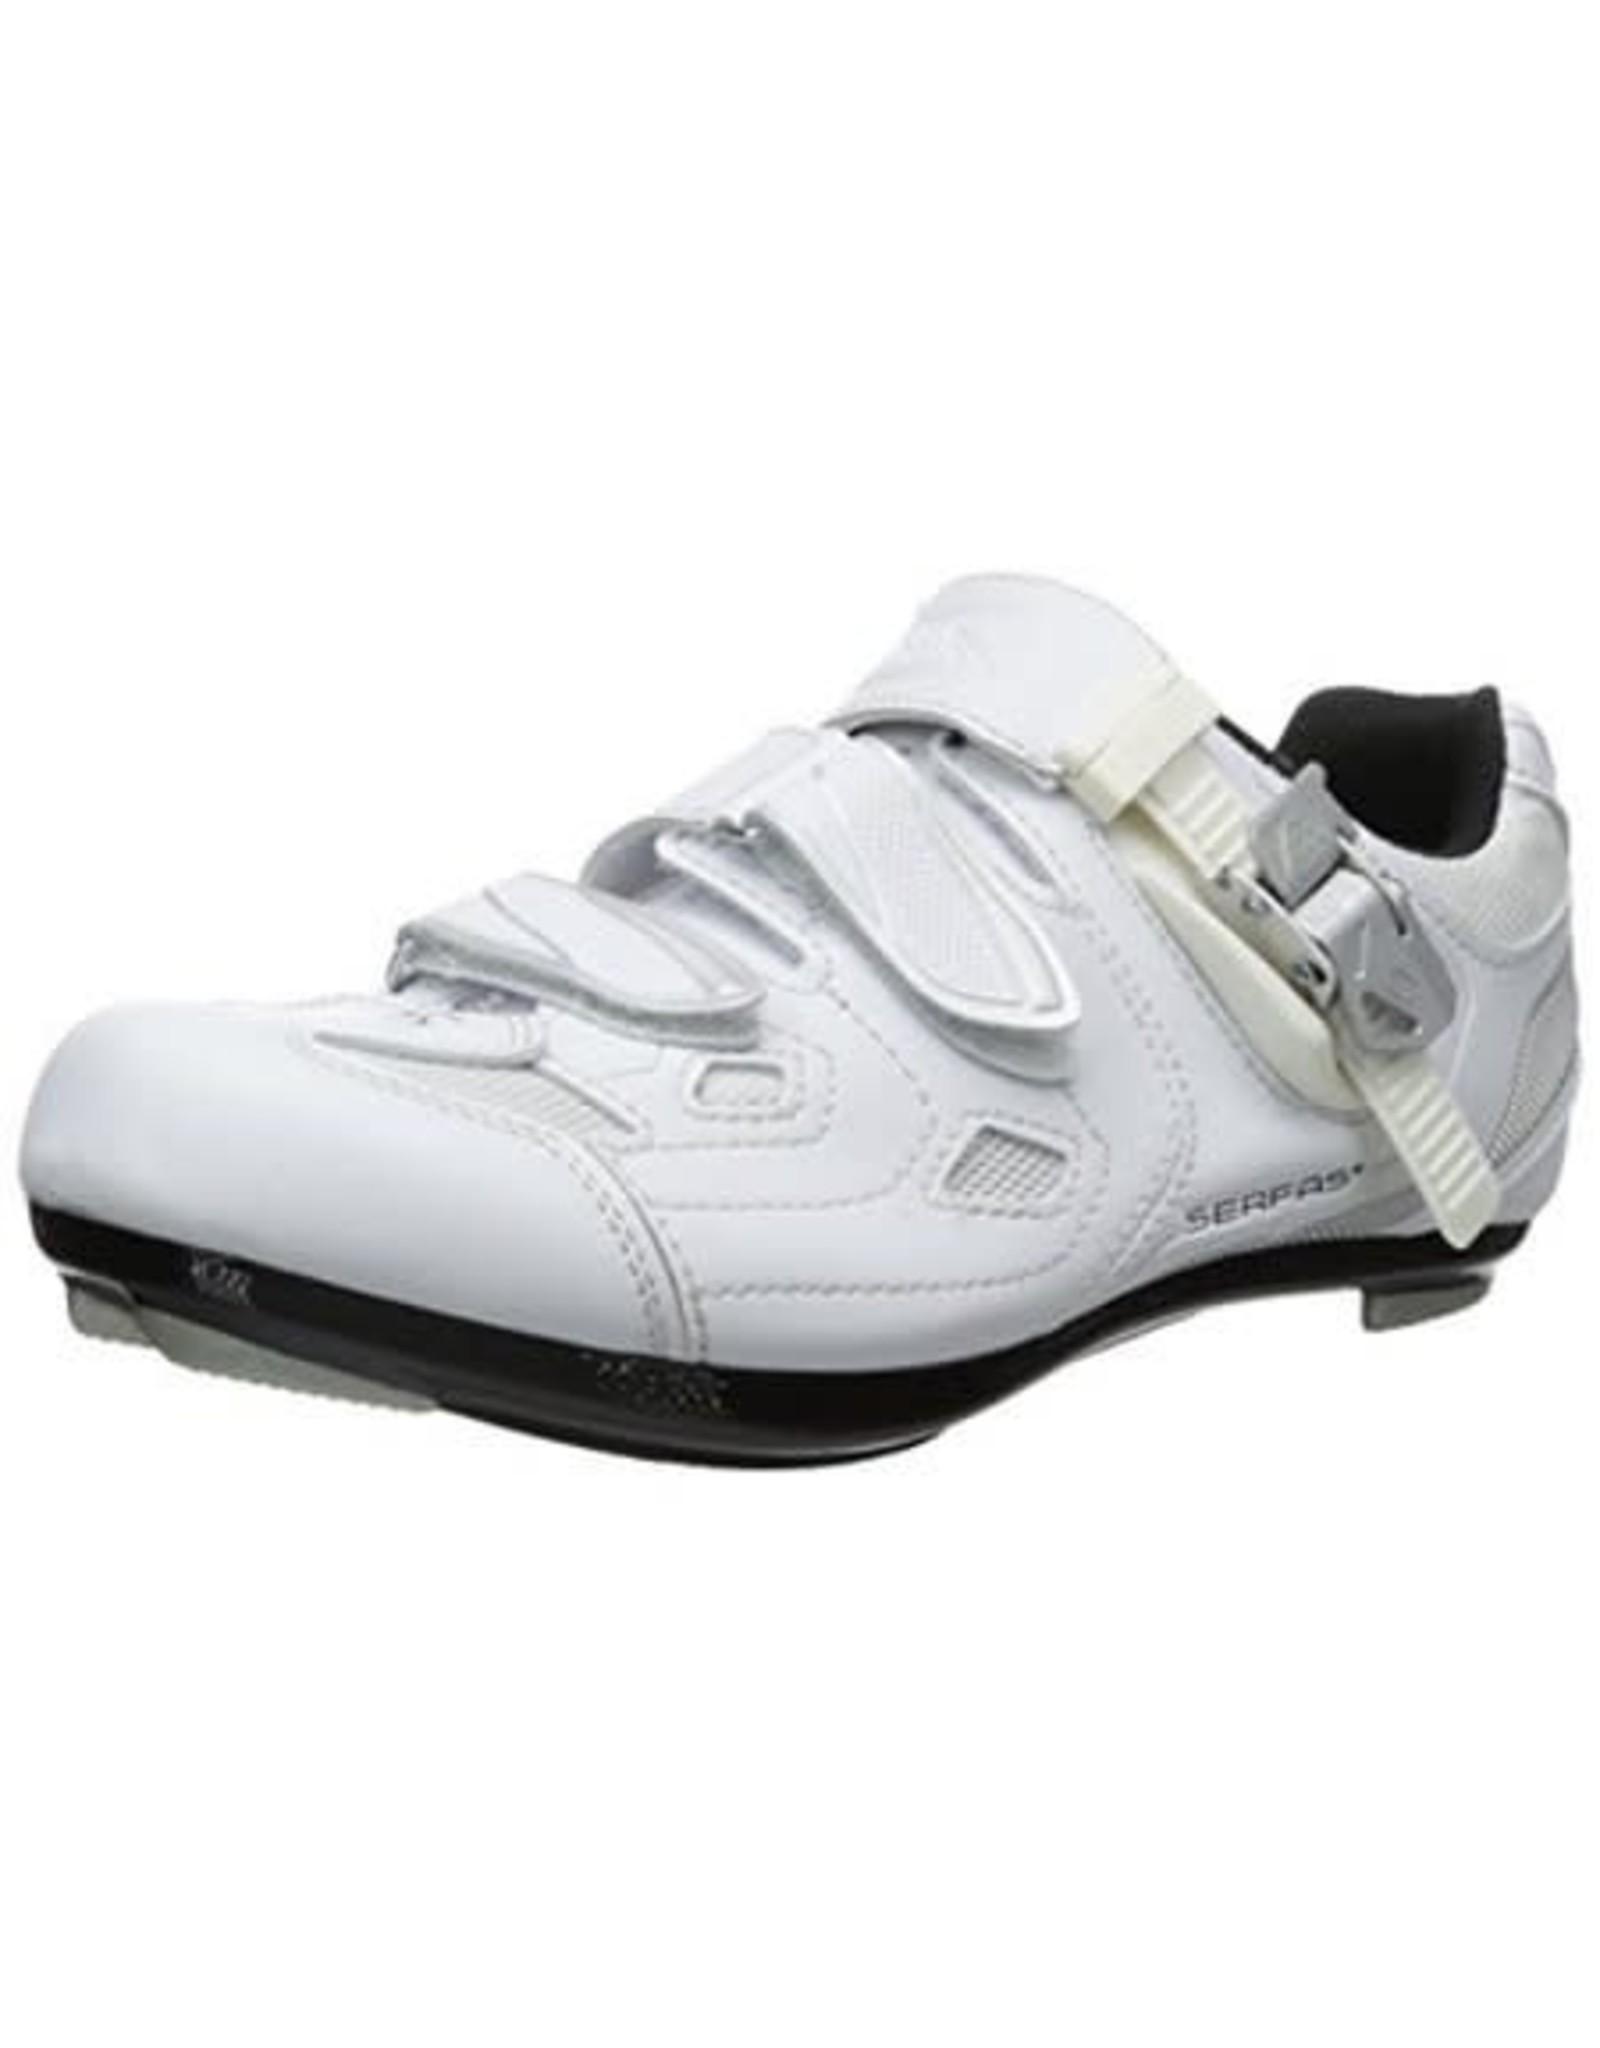 SERFAS NITROGEN Womens Shoe (Reg. $169.60)